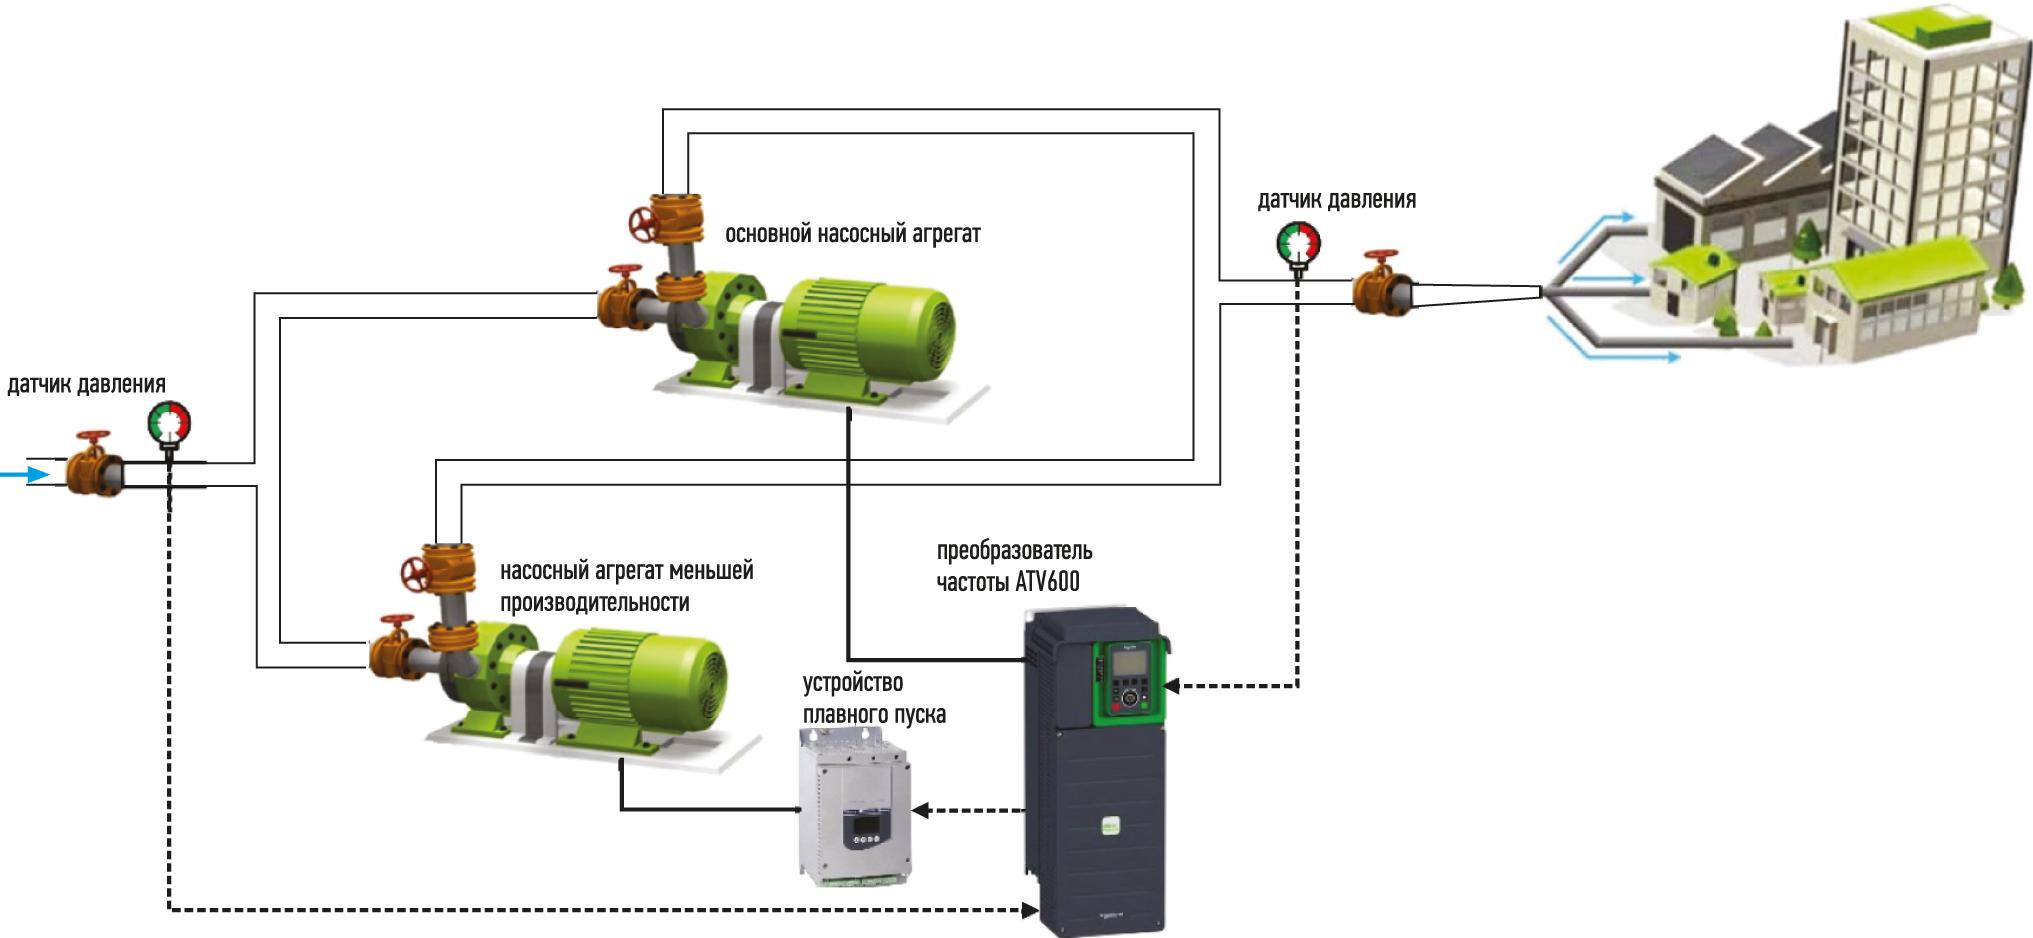 Структура насосной станции с одним основным насосным агрегатом